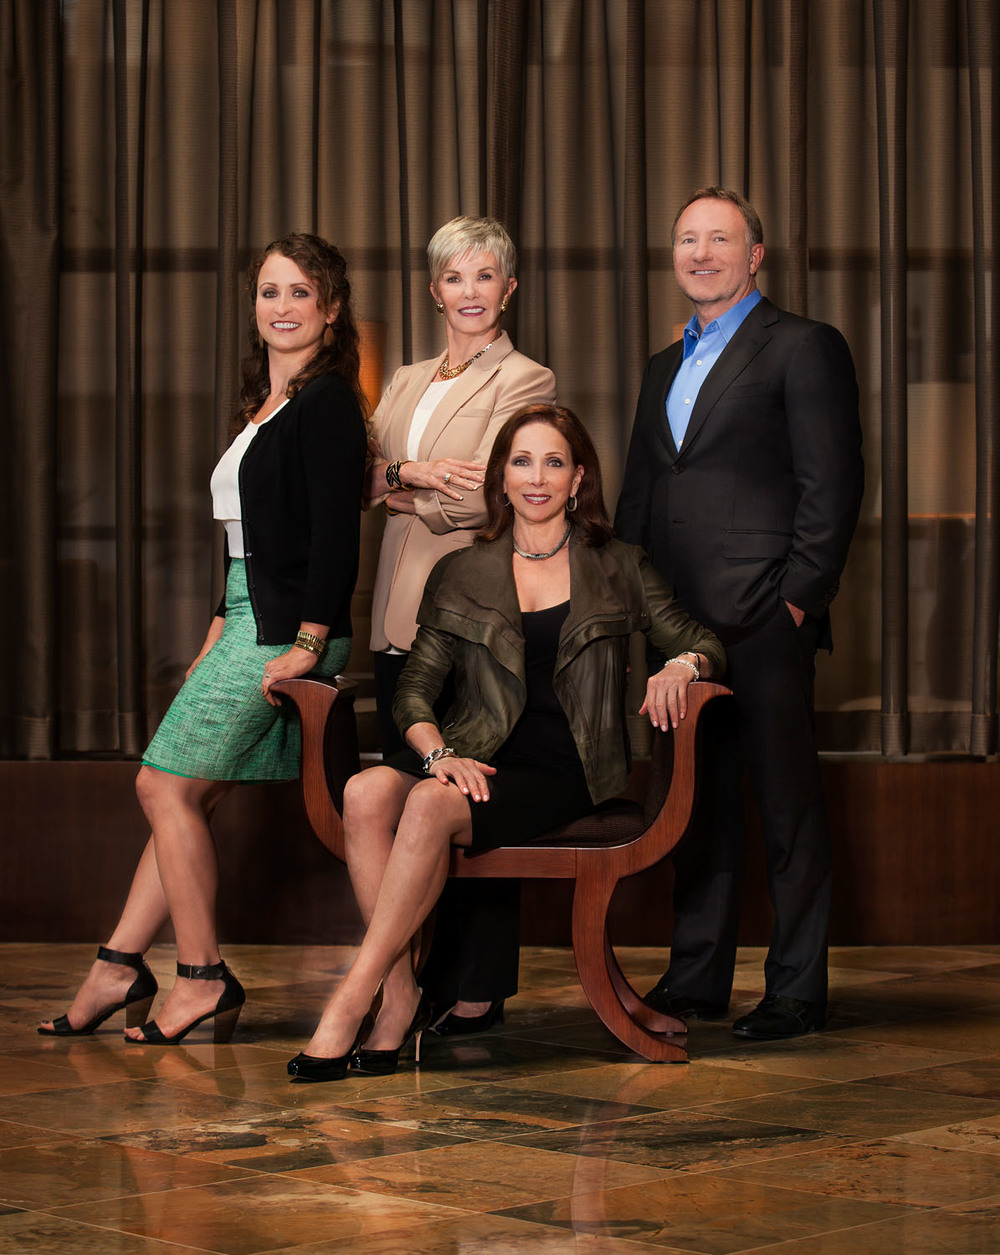 Group Portraits for Business Sacramento